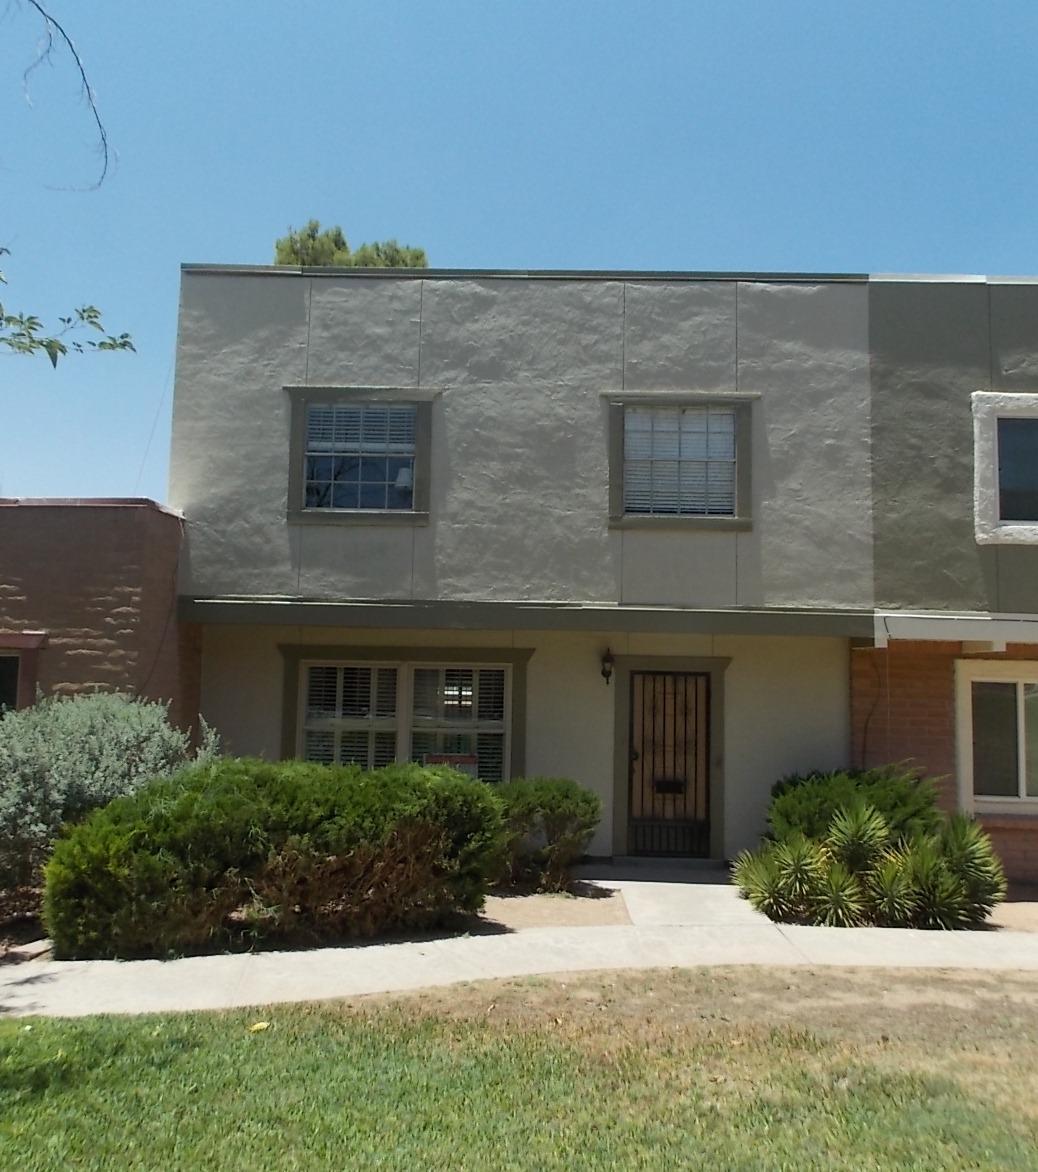 212 Montego Bay, El Paso, Texas 79912, 3 Bedrooms Bedrooms, ,3 BathroomsBathrooms,Residential,For sale,Montego Bay,809237